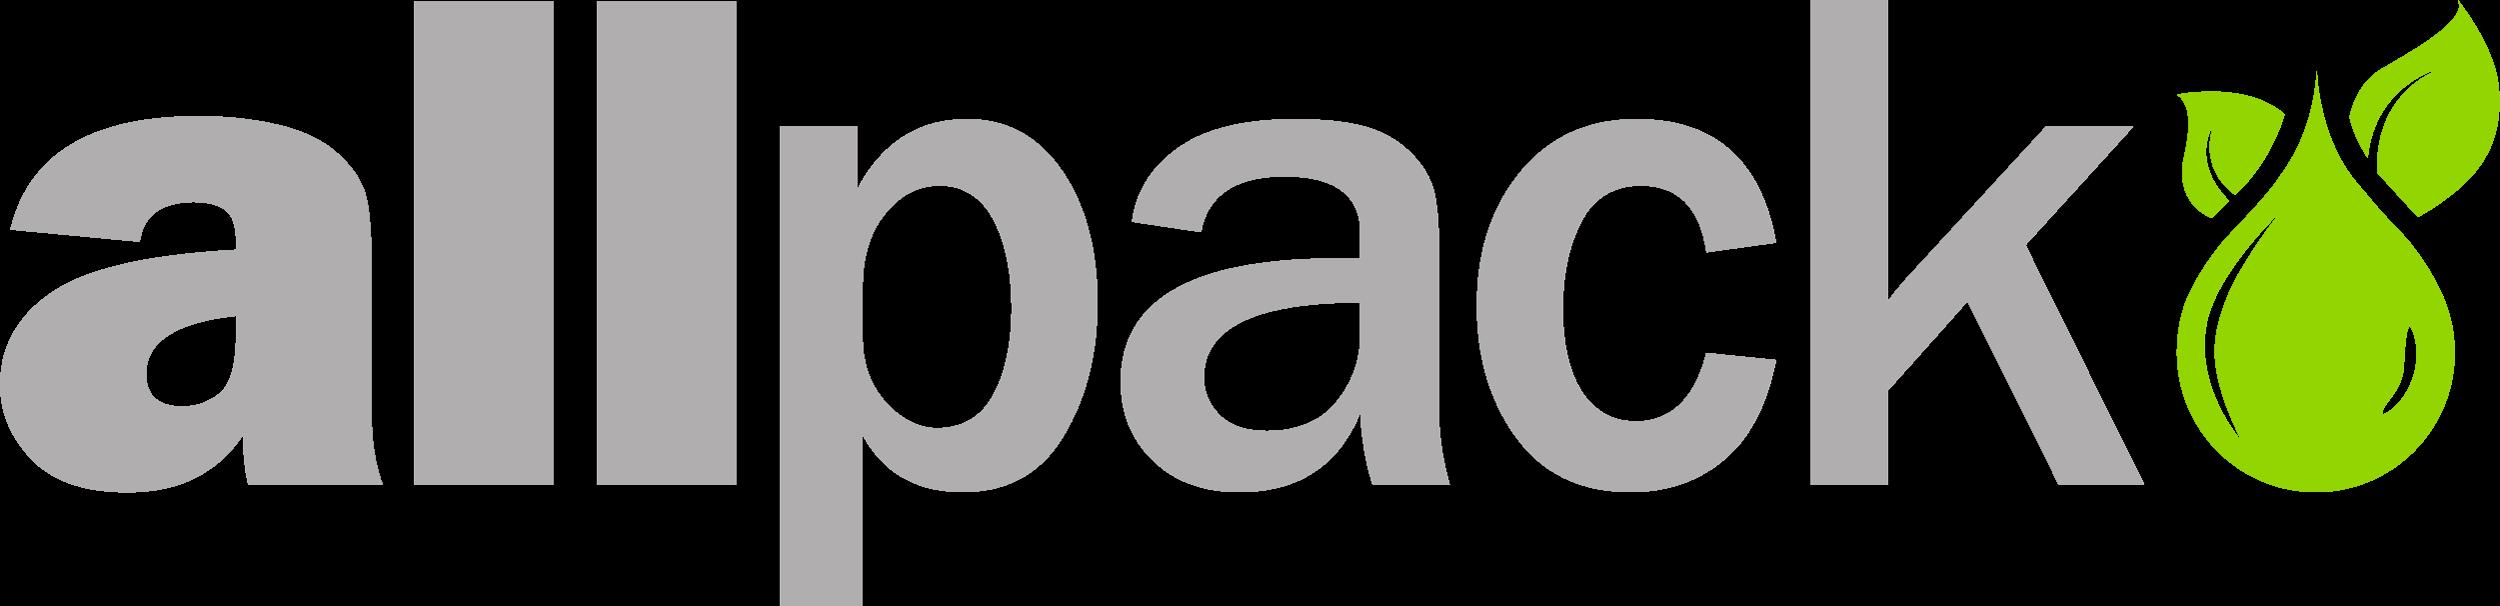 Allpack_Logo_2020-1